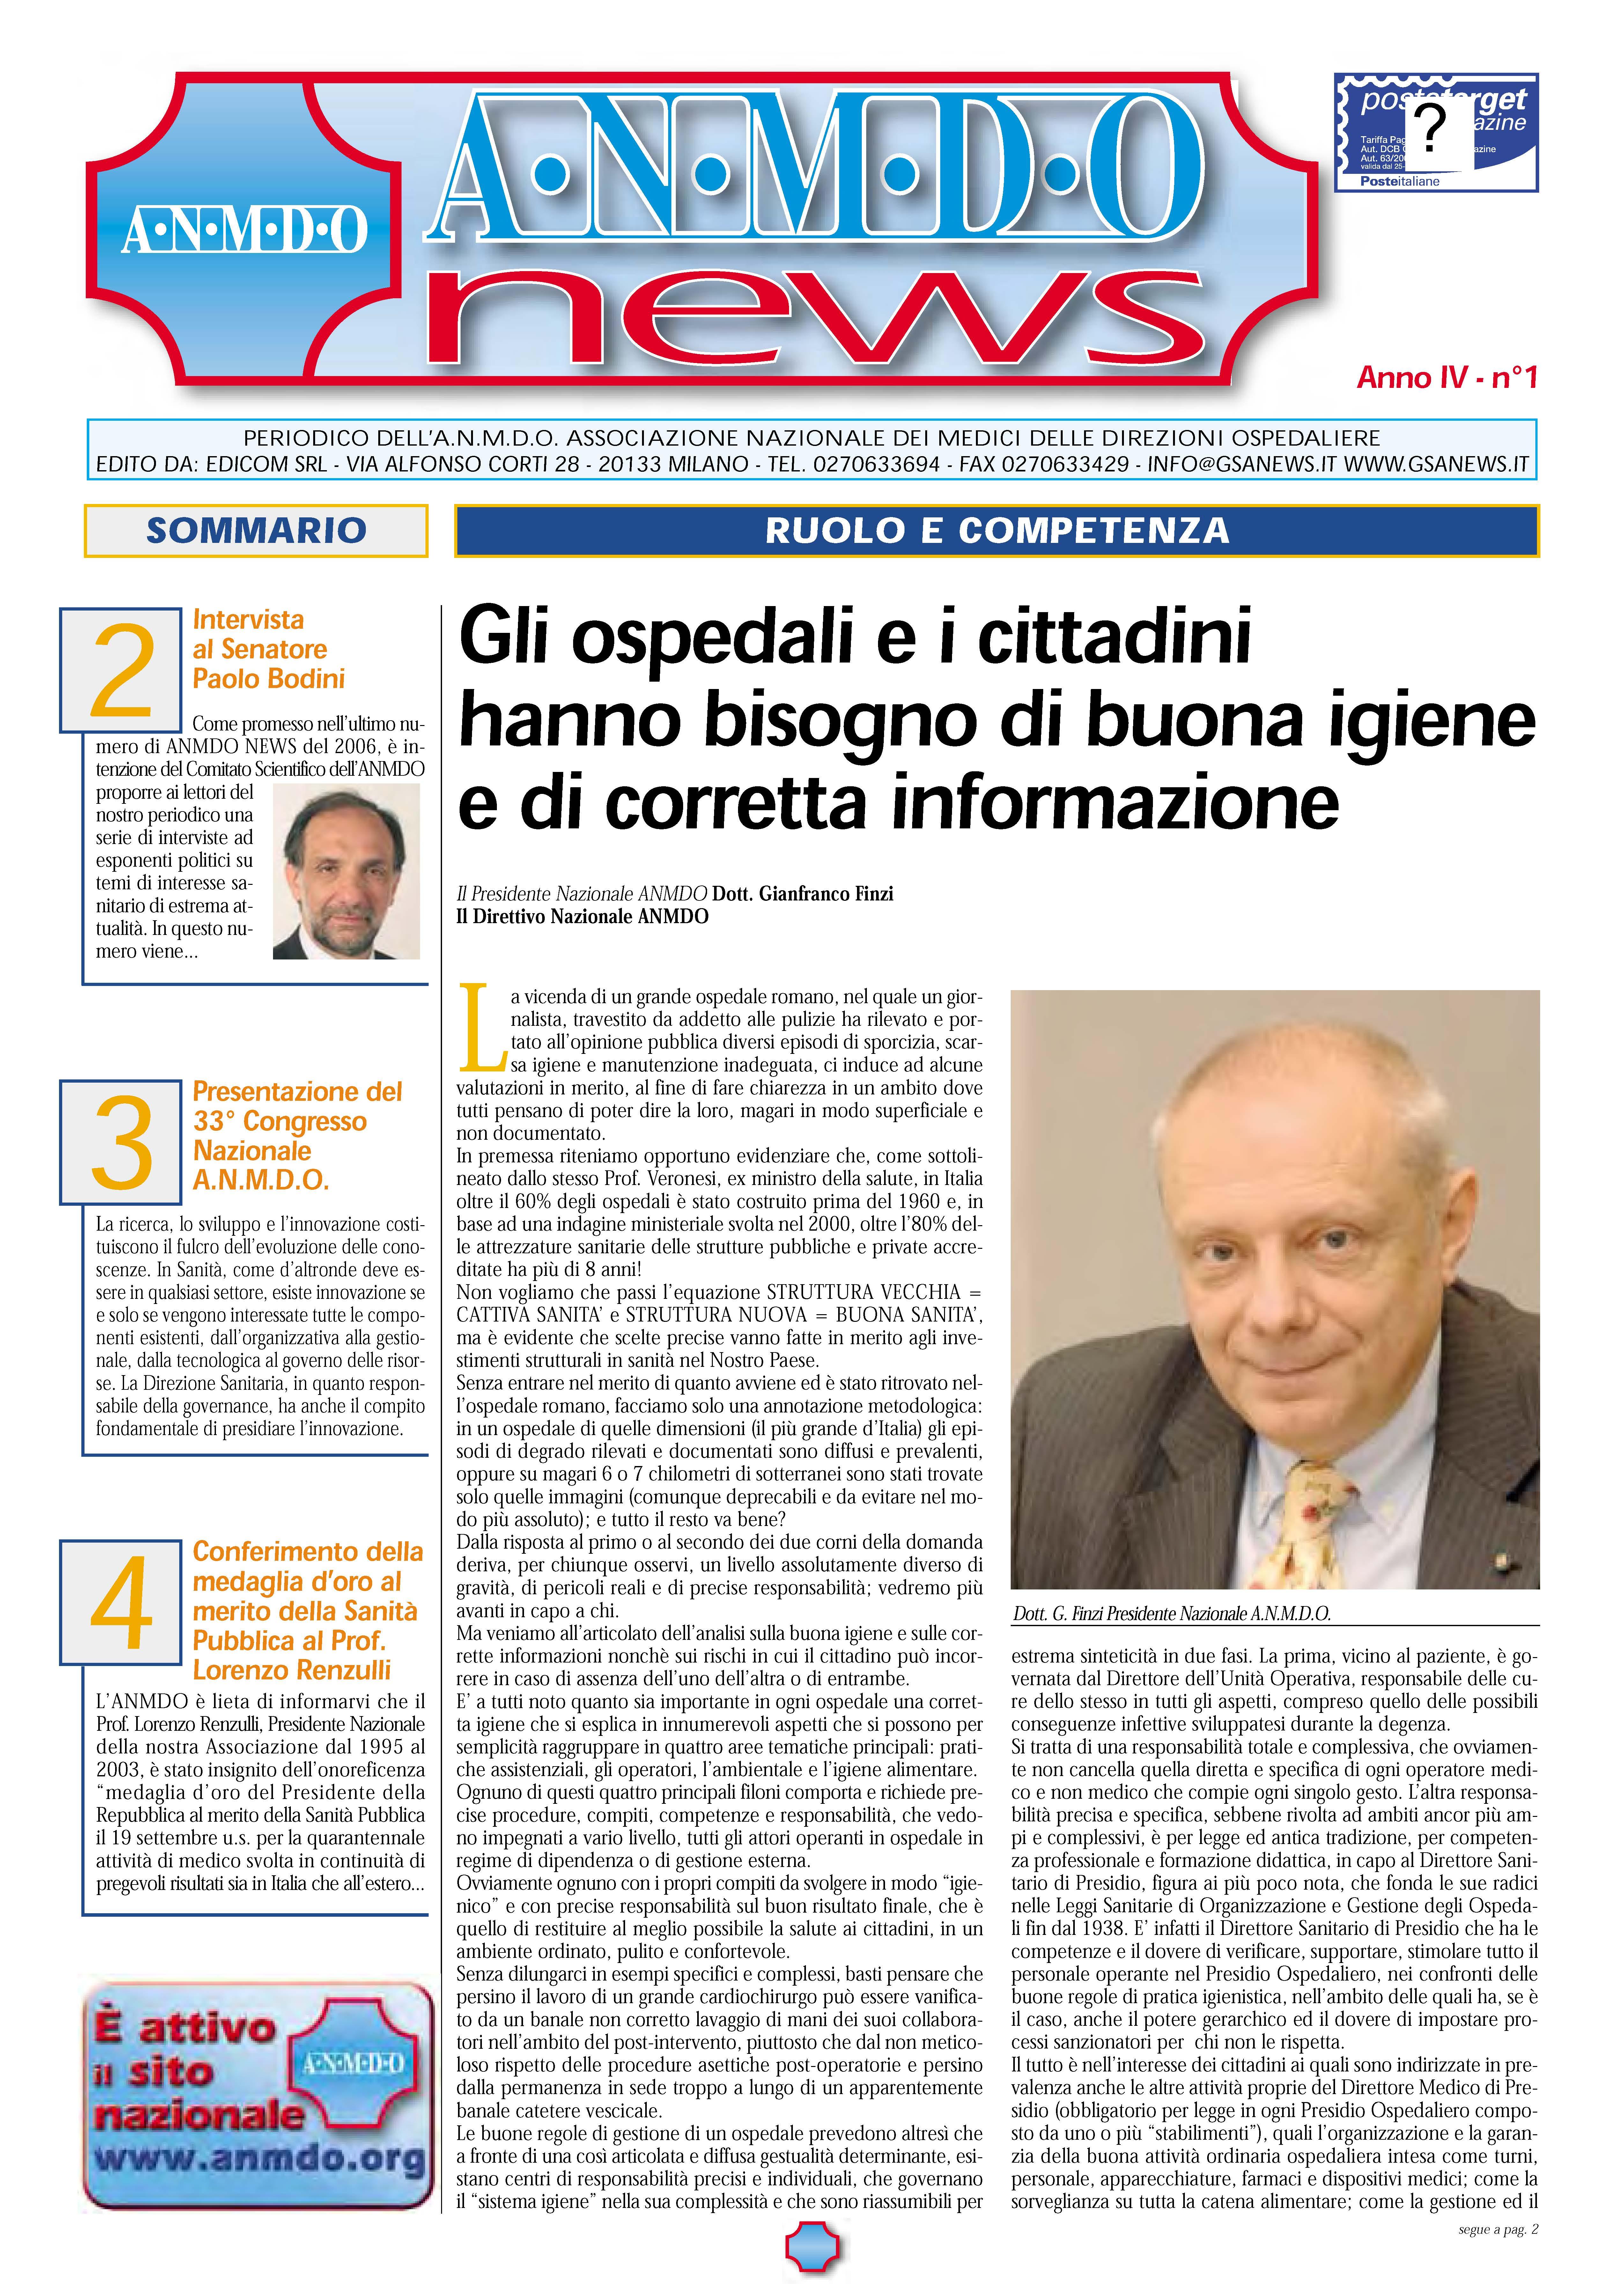 pagine-da-anmdonews-1_07